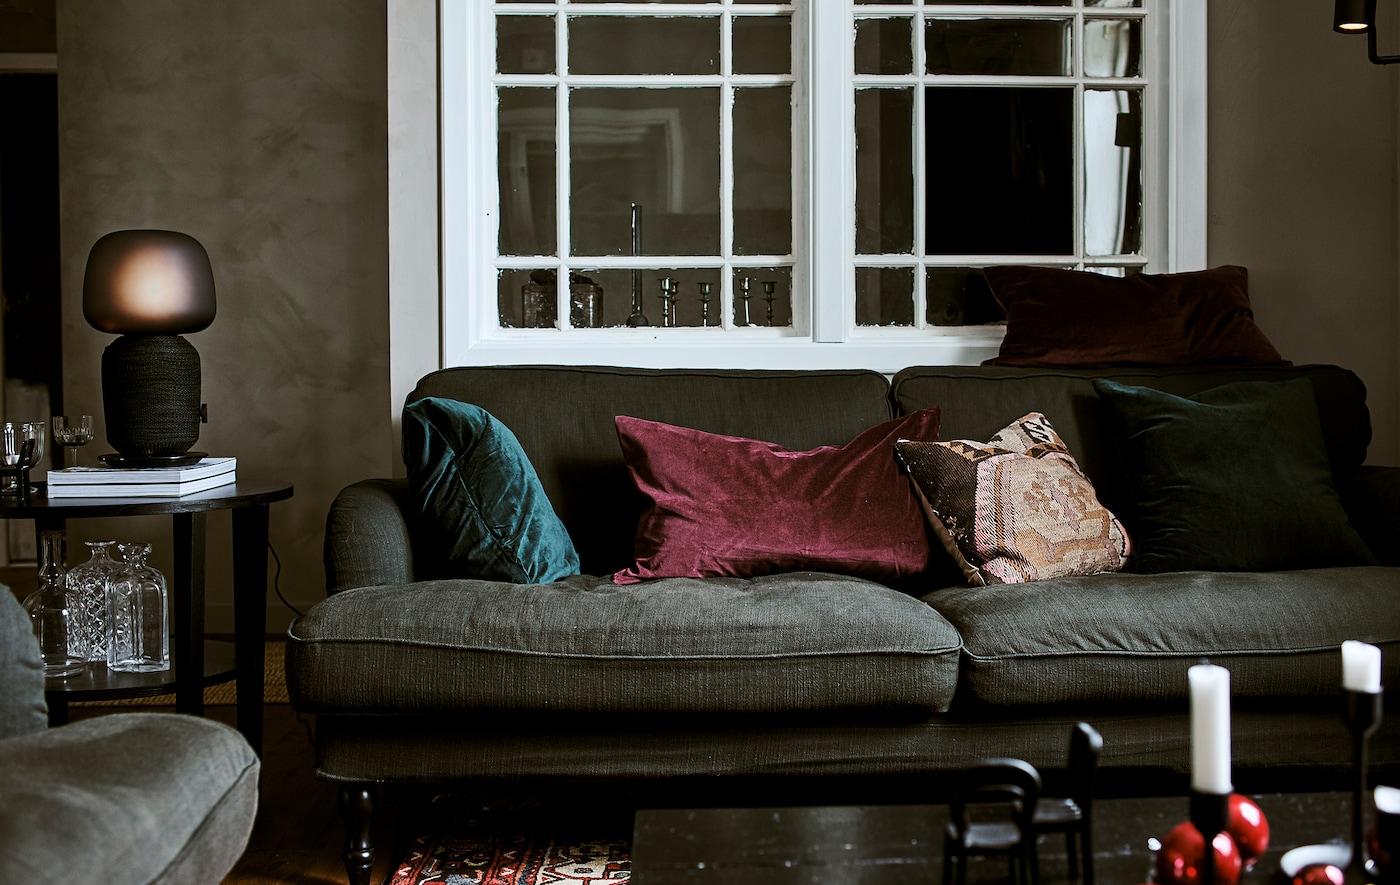 Divano verde con cuscini dai colori intensi in un soggiorno con finestra, tavolino, lampada da tavolo e un tappeto persiano - IKEA